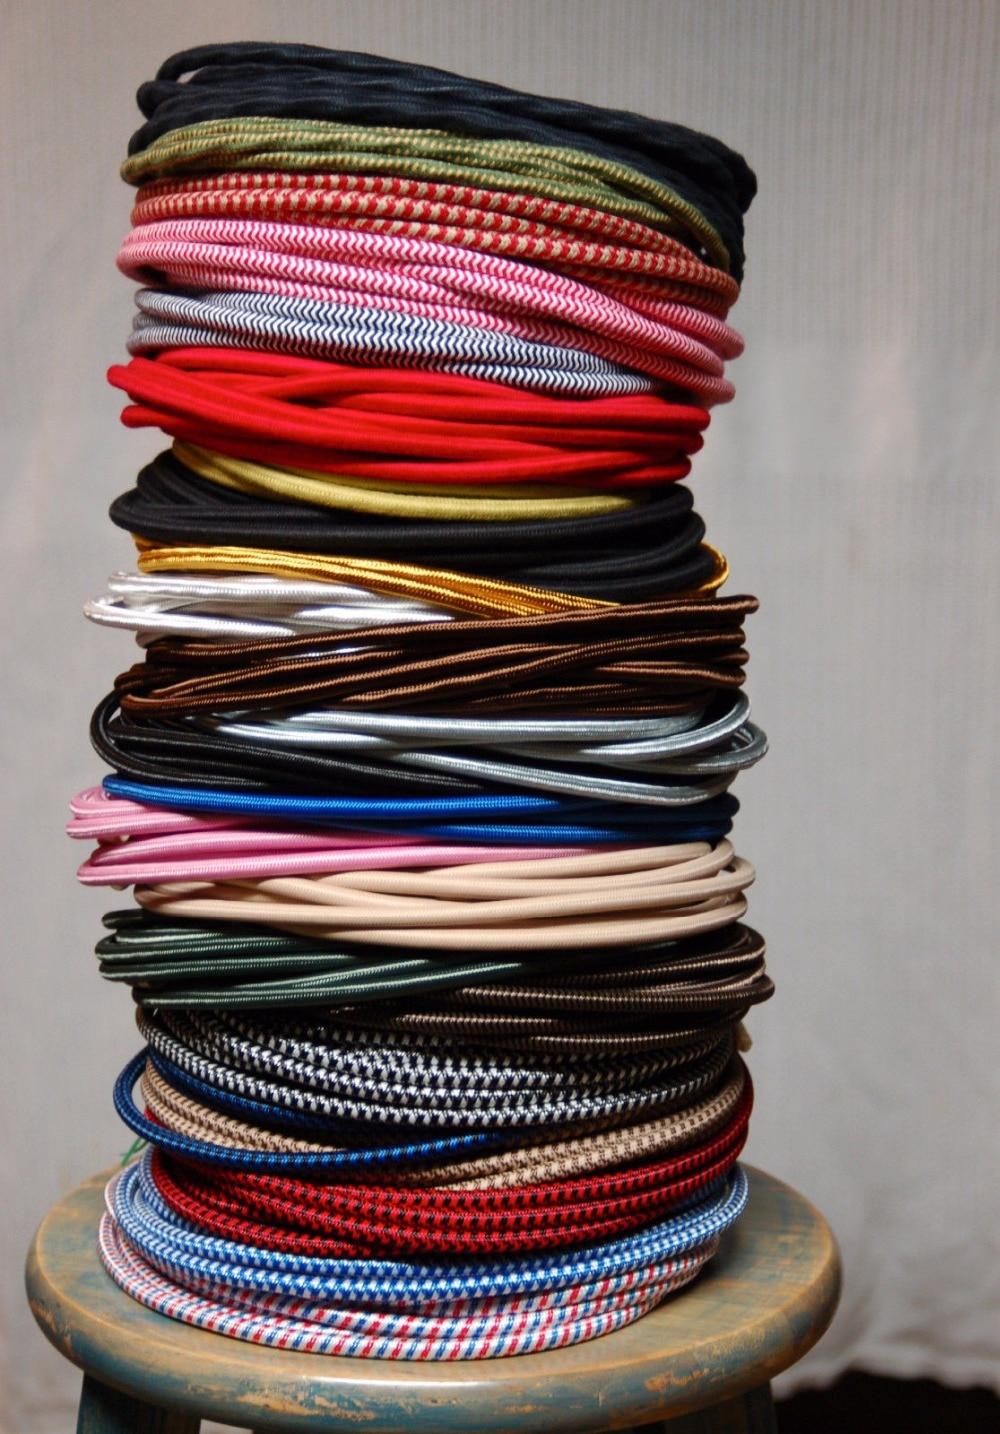 50 м/лот 2x0. 75mm2 EDISON ЛАМПЫ Провода текстиль Цвет Плетеный Провода Ткань Мощность шнур Провода кабель